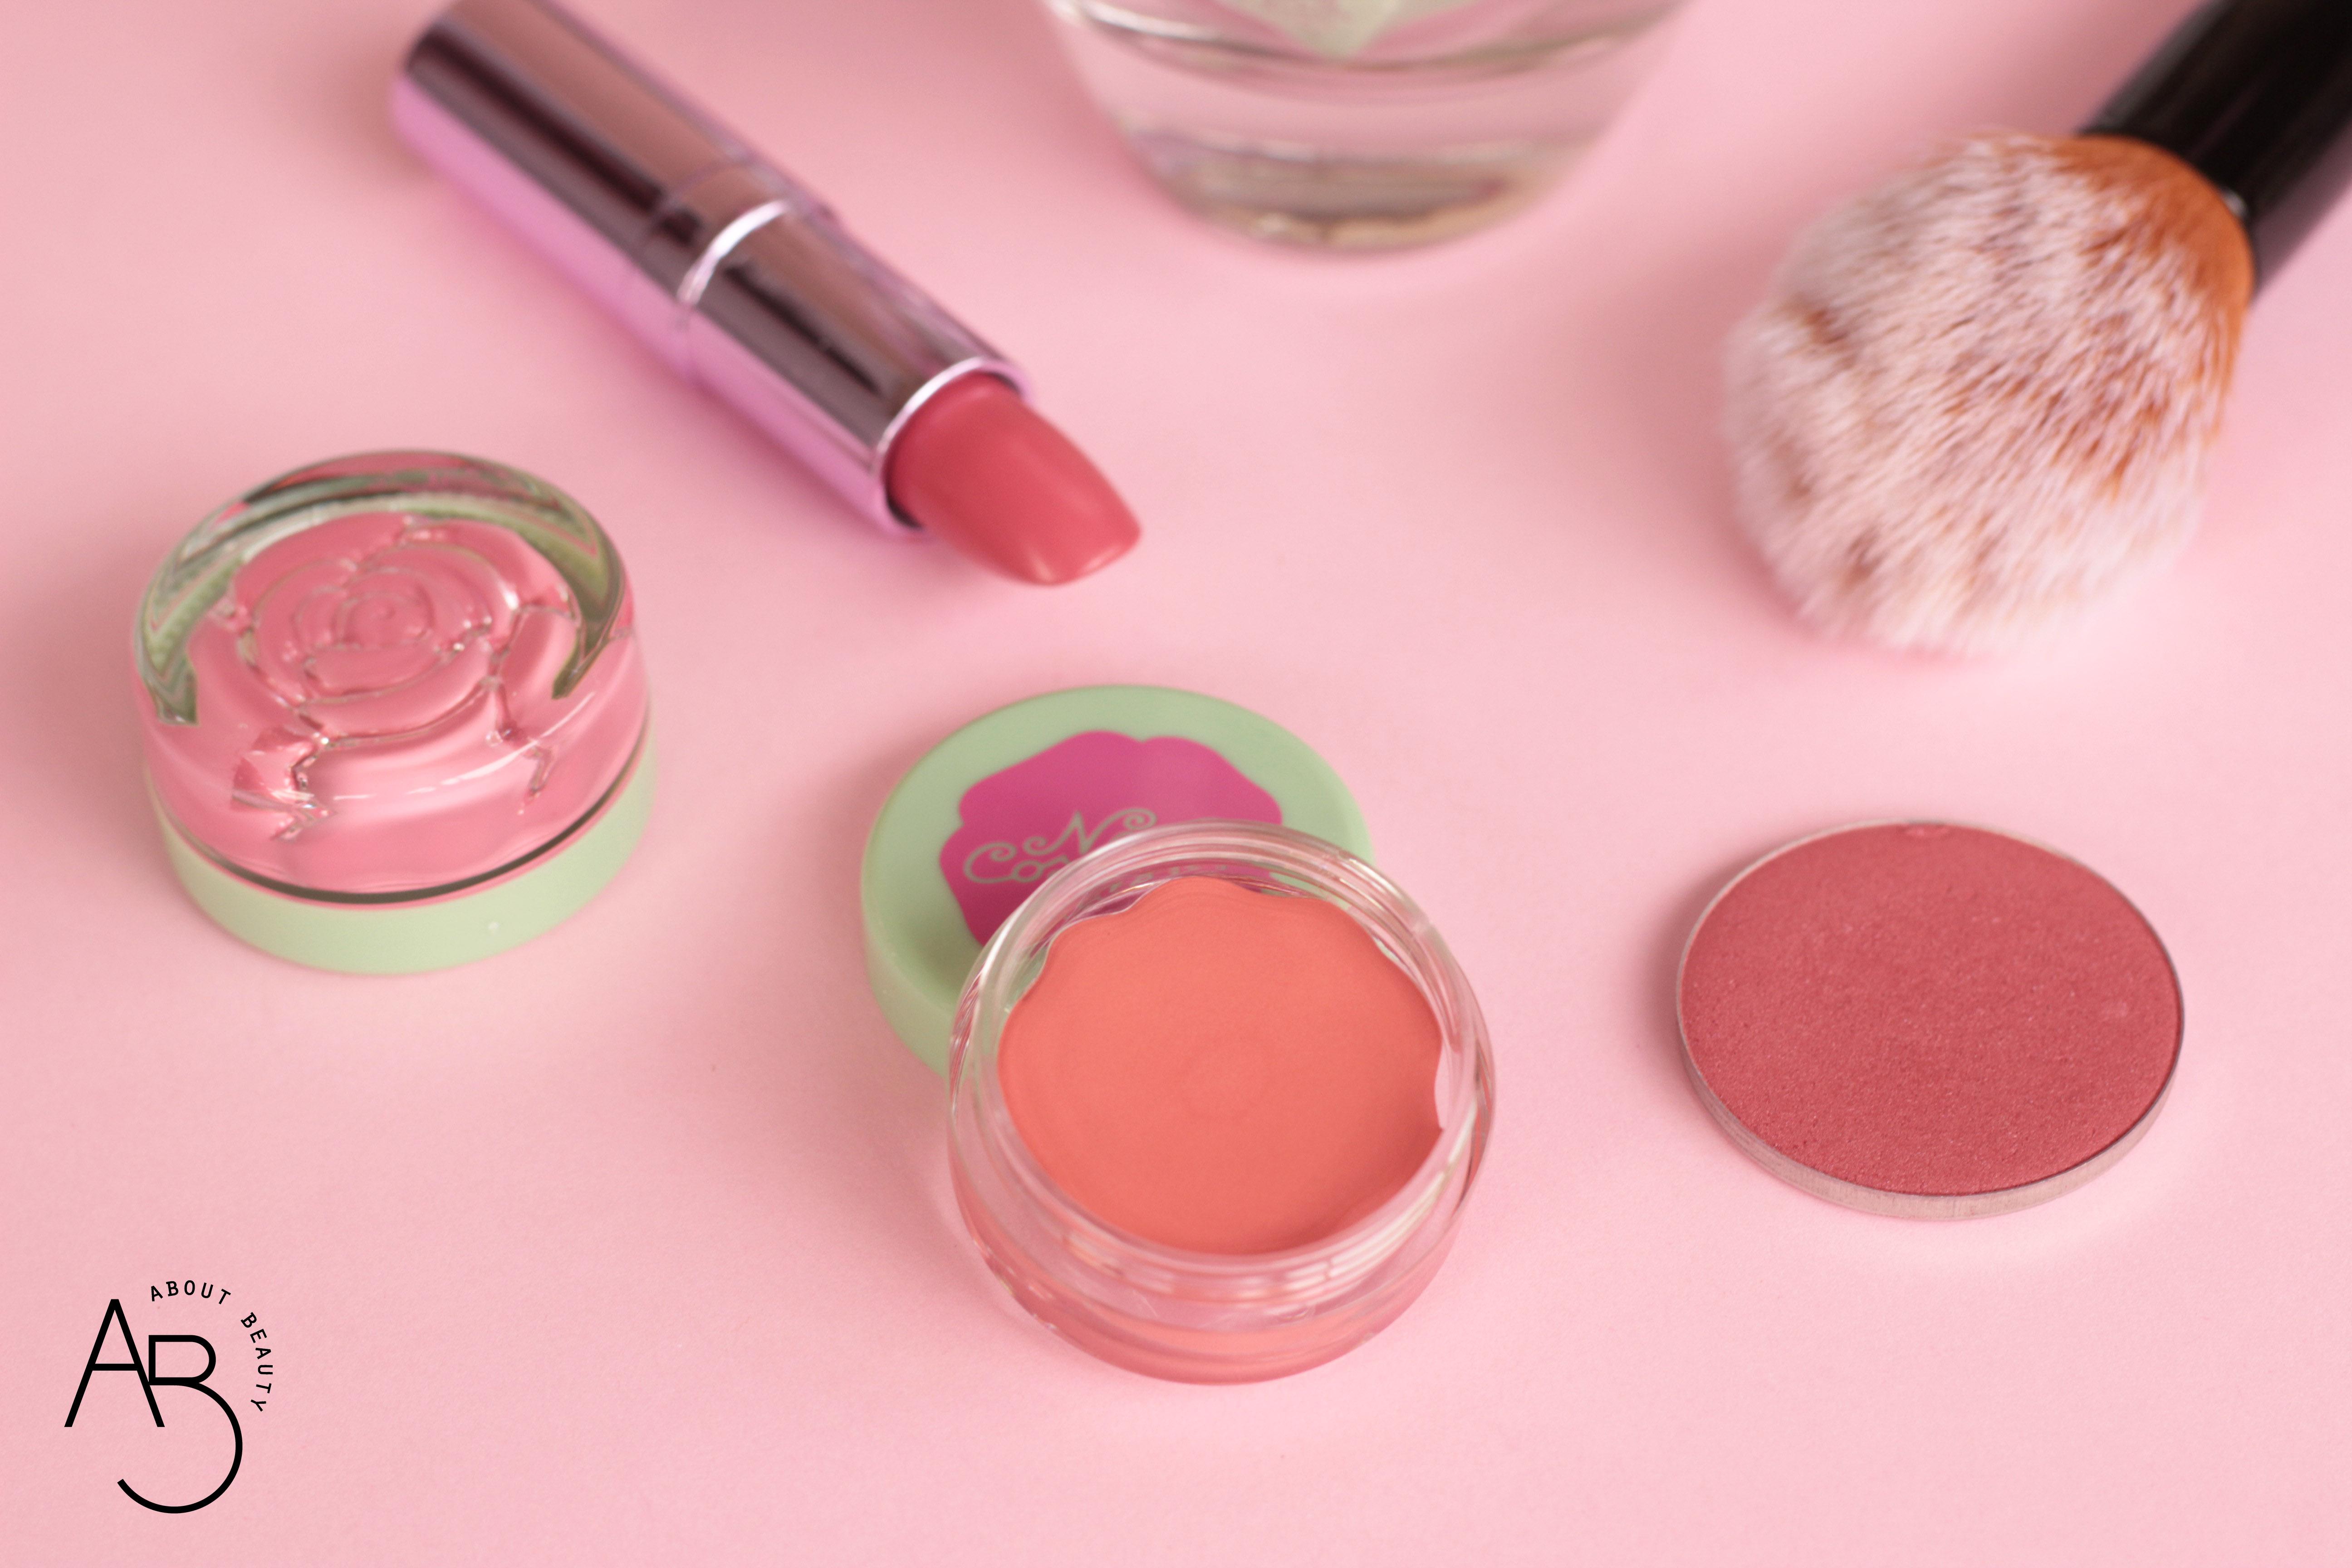 Blush Garden Neve Cosmetics: recensione, review, swatch, opinioni, sconto, dove acquistare, prezzo - Monday Rose